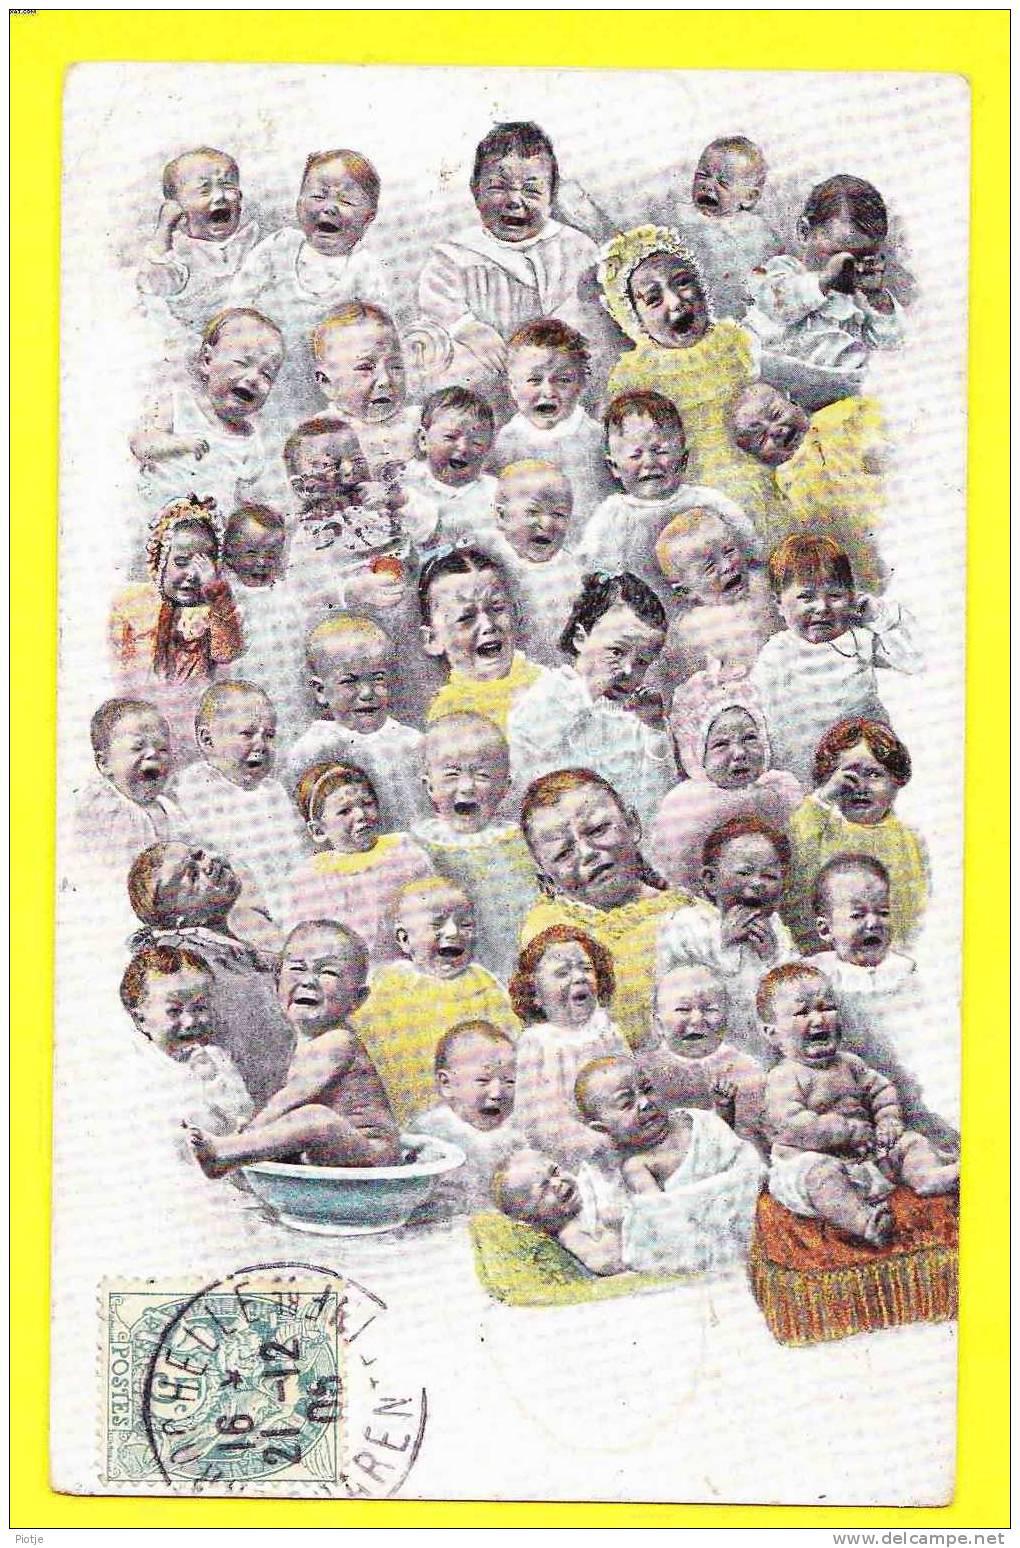 * Fantasie - Fantaisie - Fantasy (Bébés Multiples) * (T.E.L. S 952) Bébé, Baby, Enfant, Pispot, Cry, Pleurer, Wenen - Nouvel An